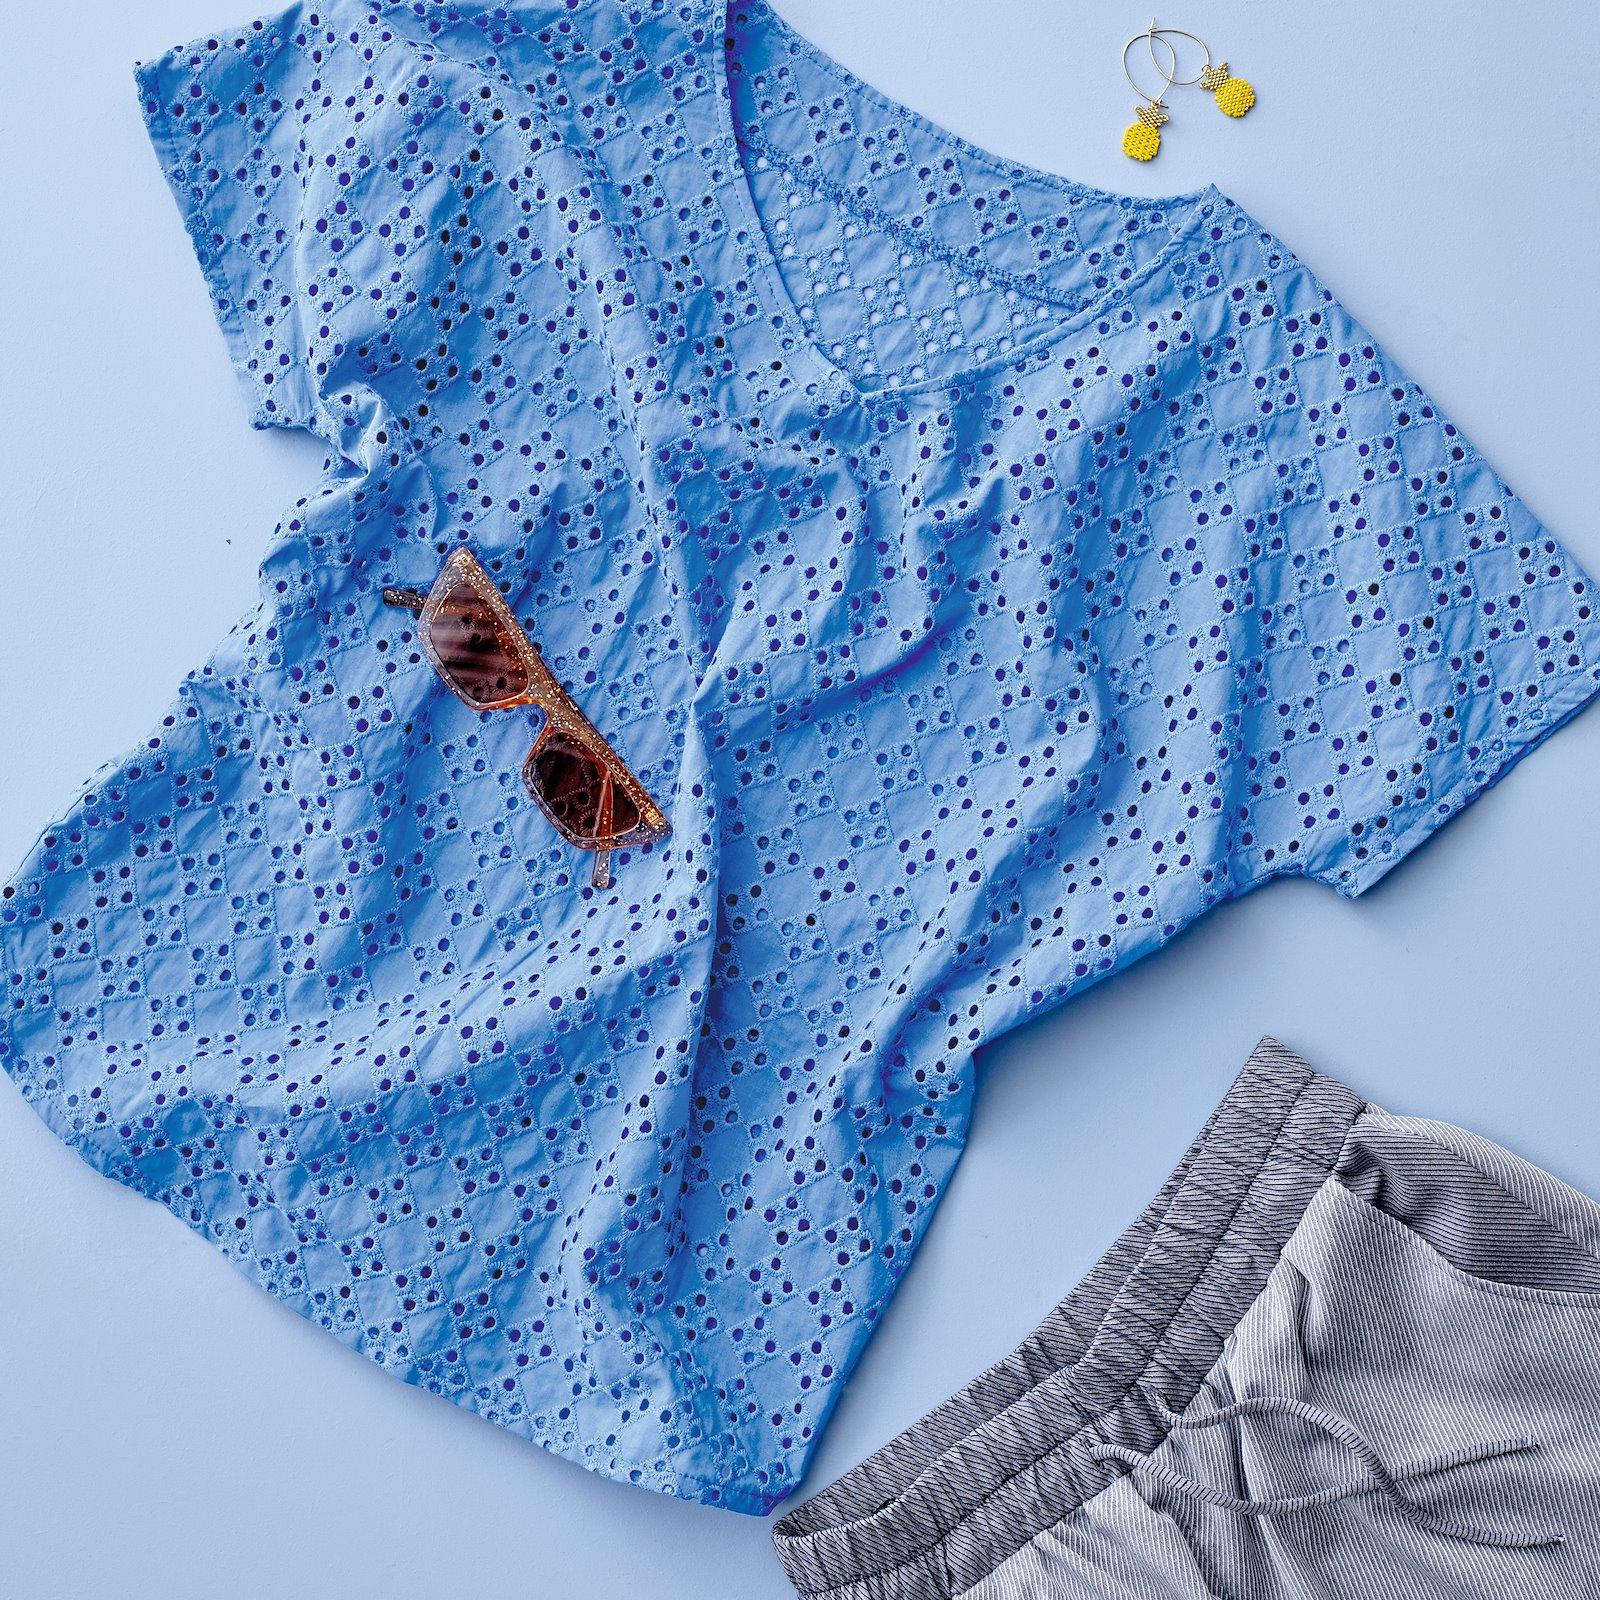 Short sleeved blouse, 38/10 p22065_550104_p20051_501860_bundle